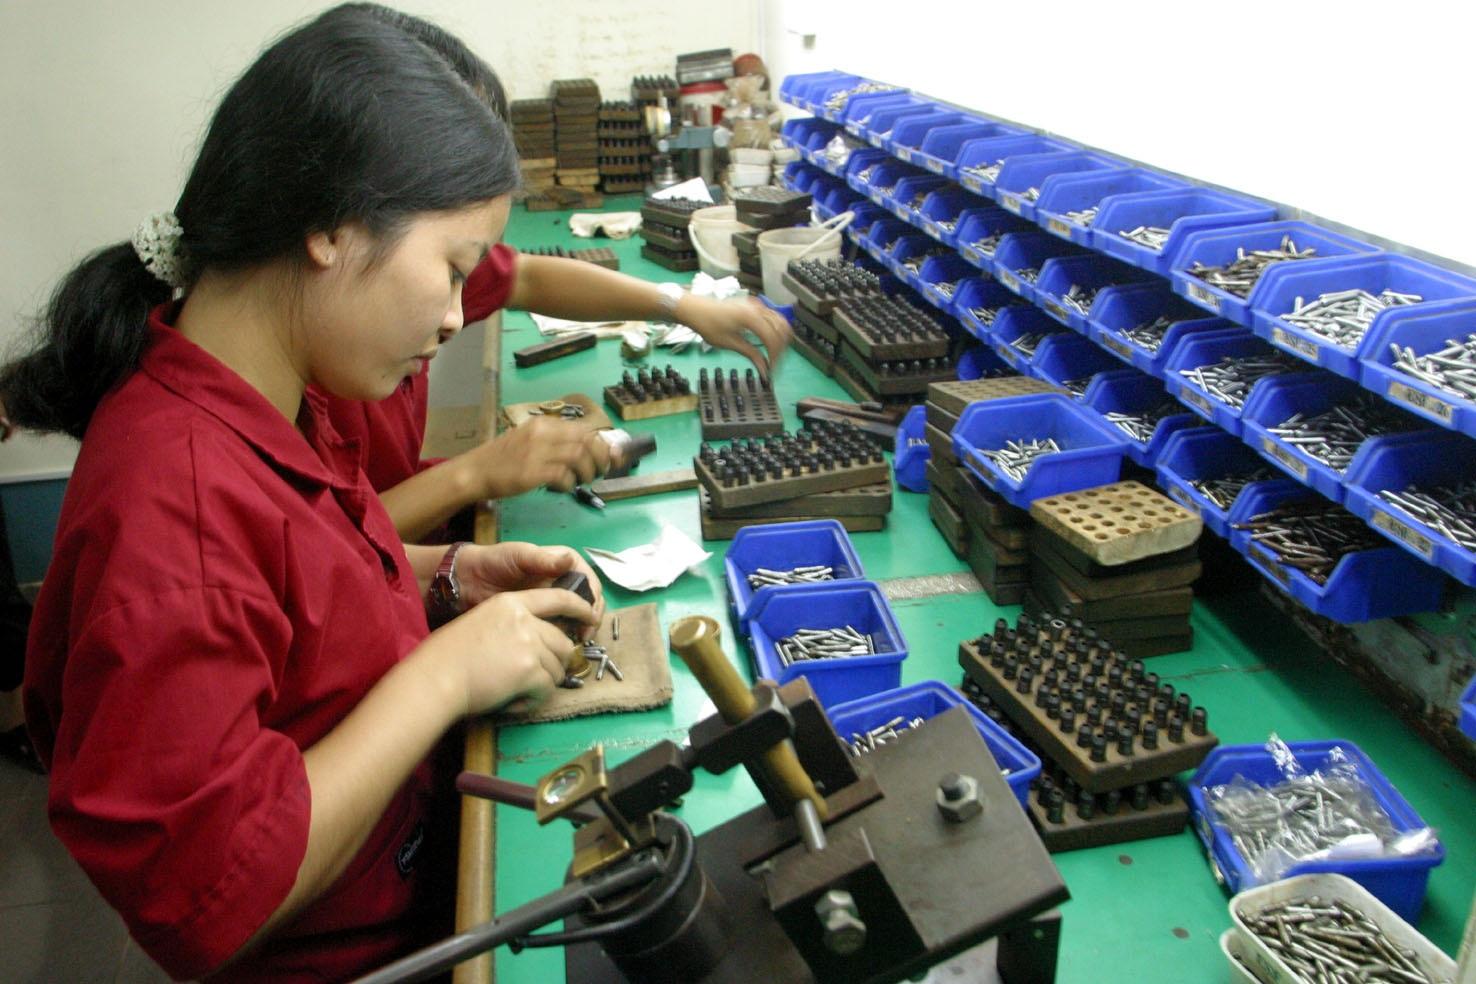 Doanh nghiệp Việt, mãi cứ nhỏ li ti thì hội nhập làm sao!?